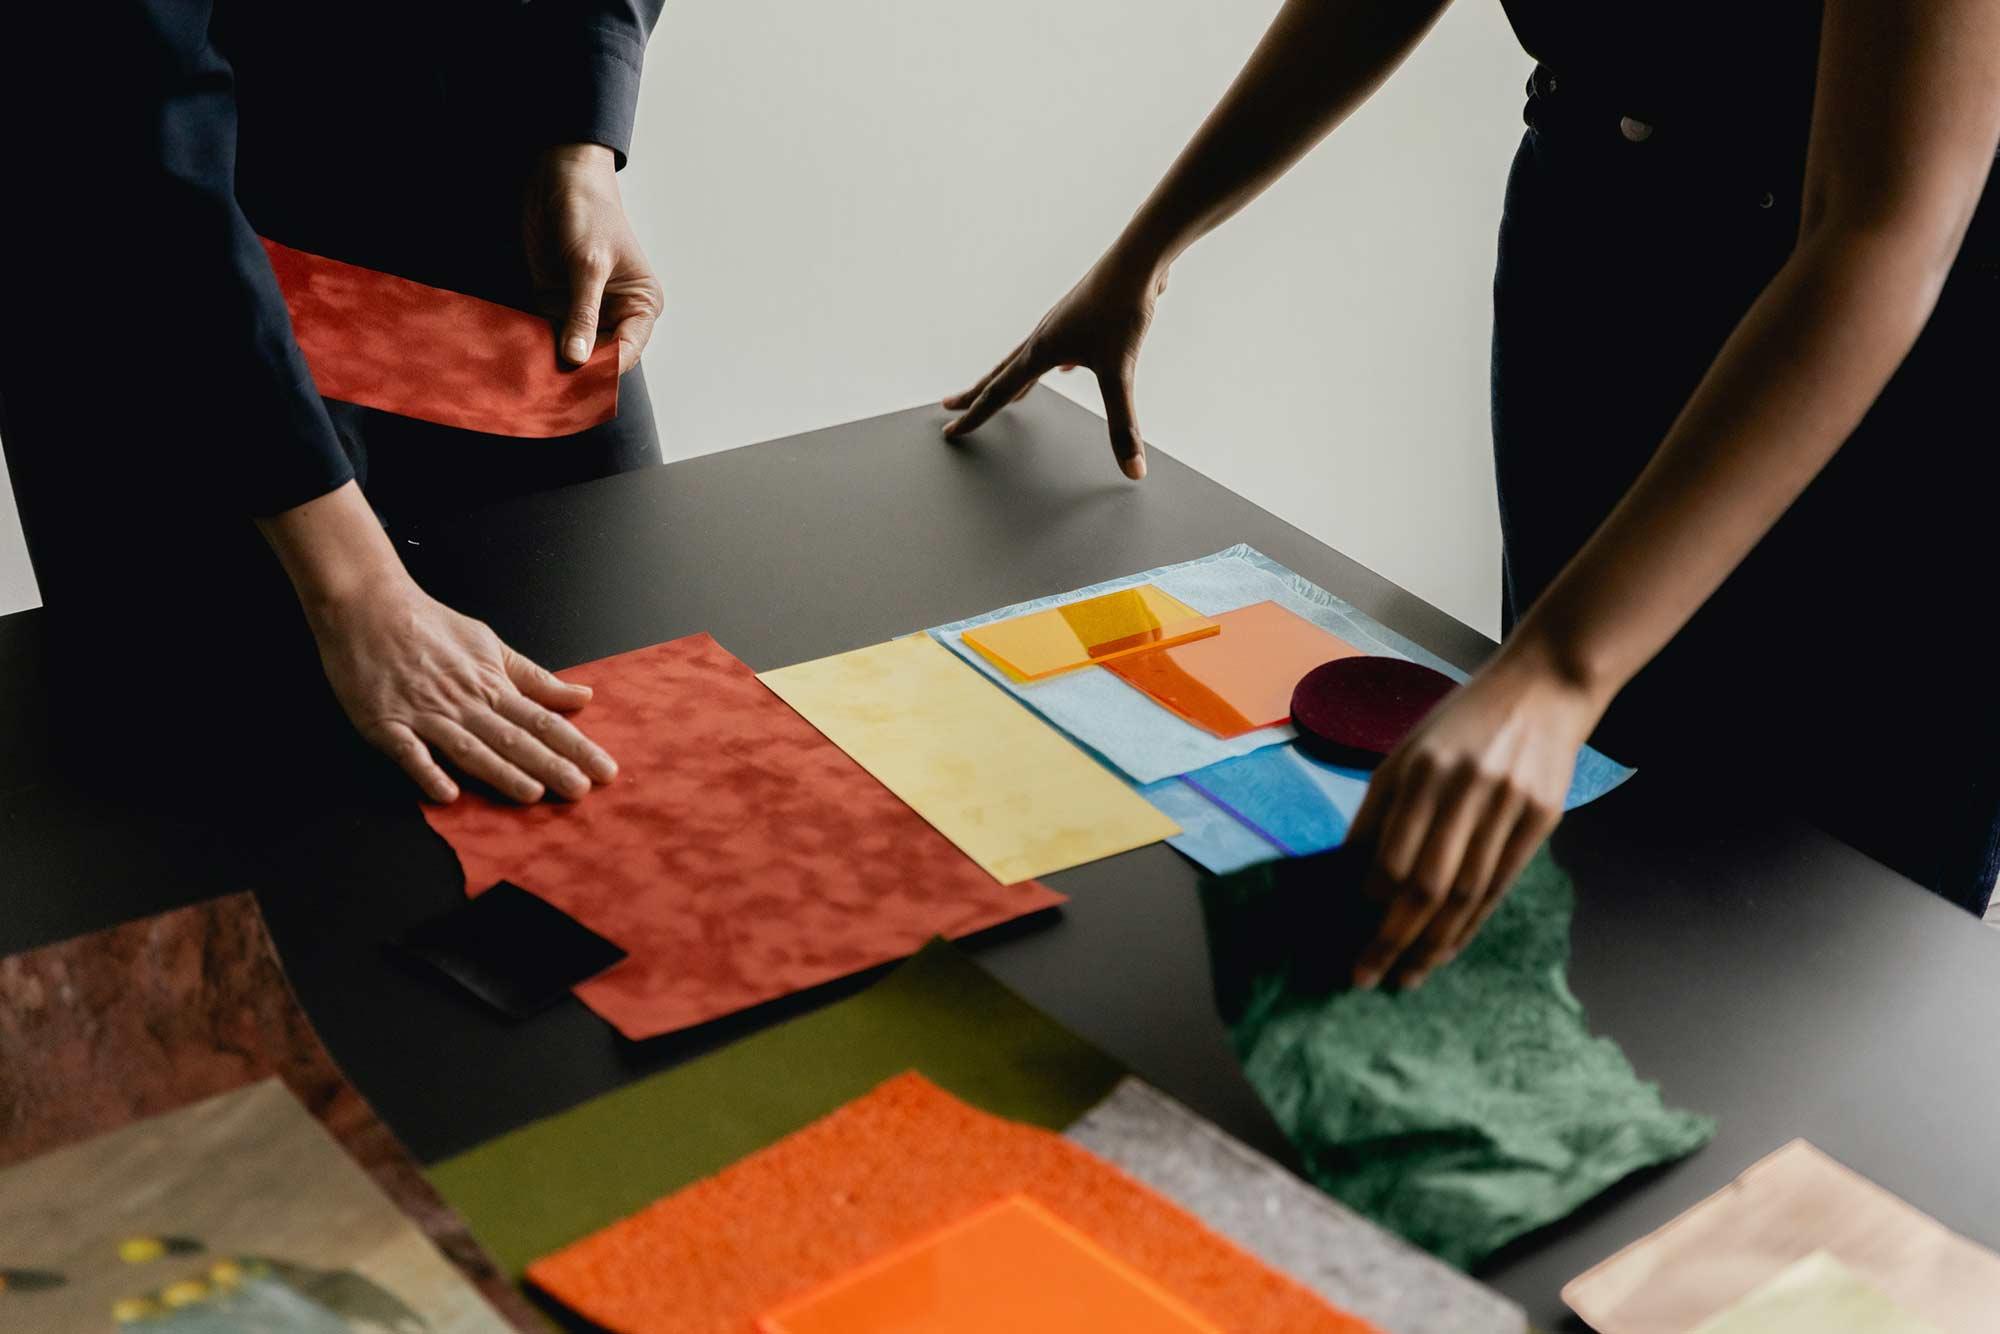 Designer designing marketing materials